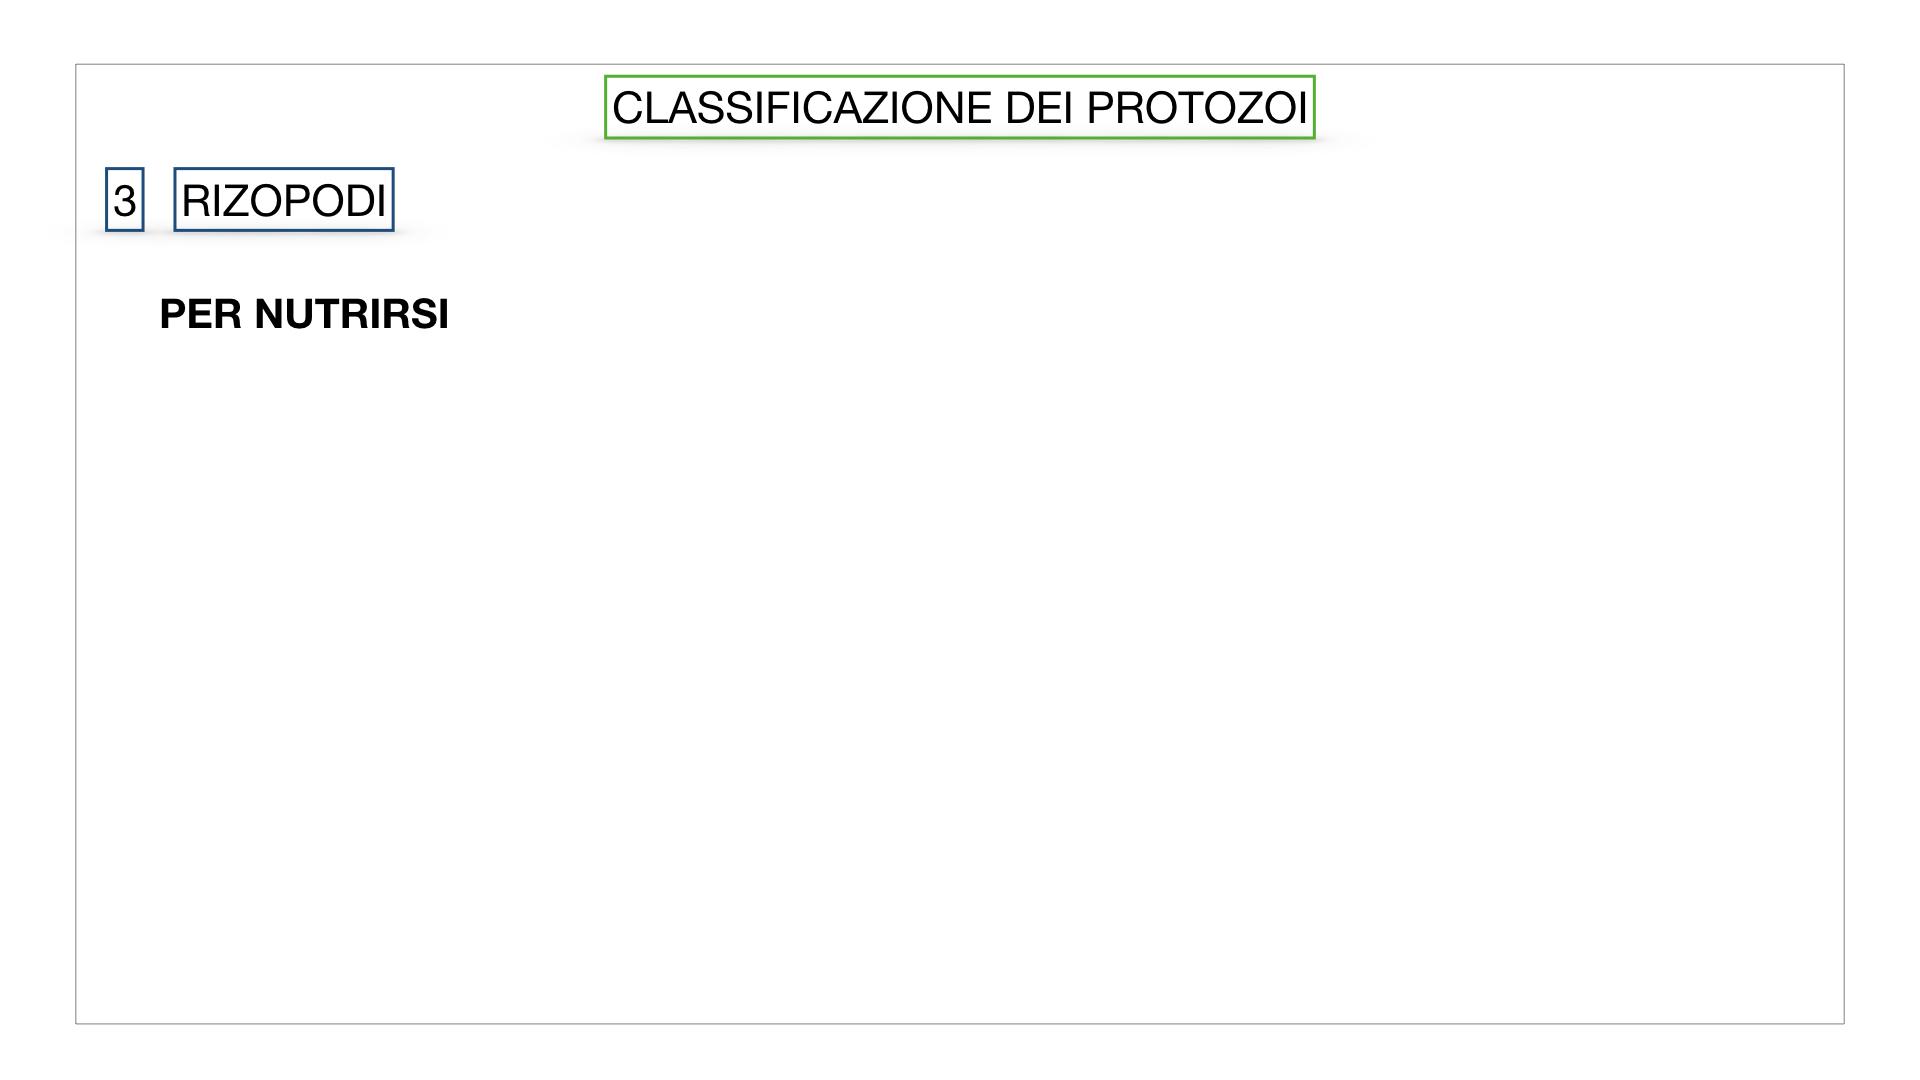 6. PROTOZOI_classificazione_SIMULAZIONE.036